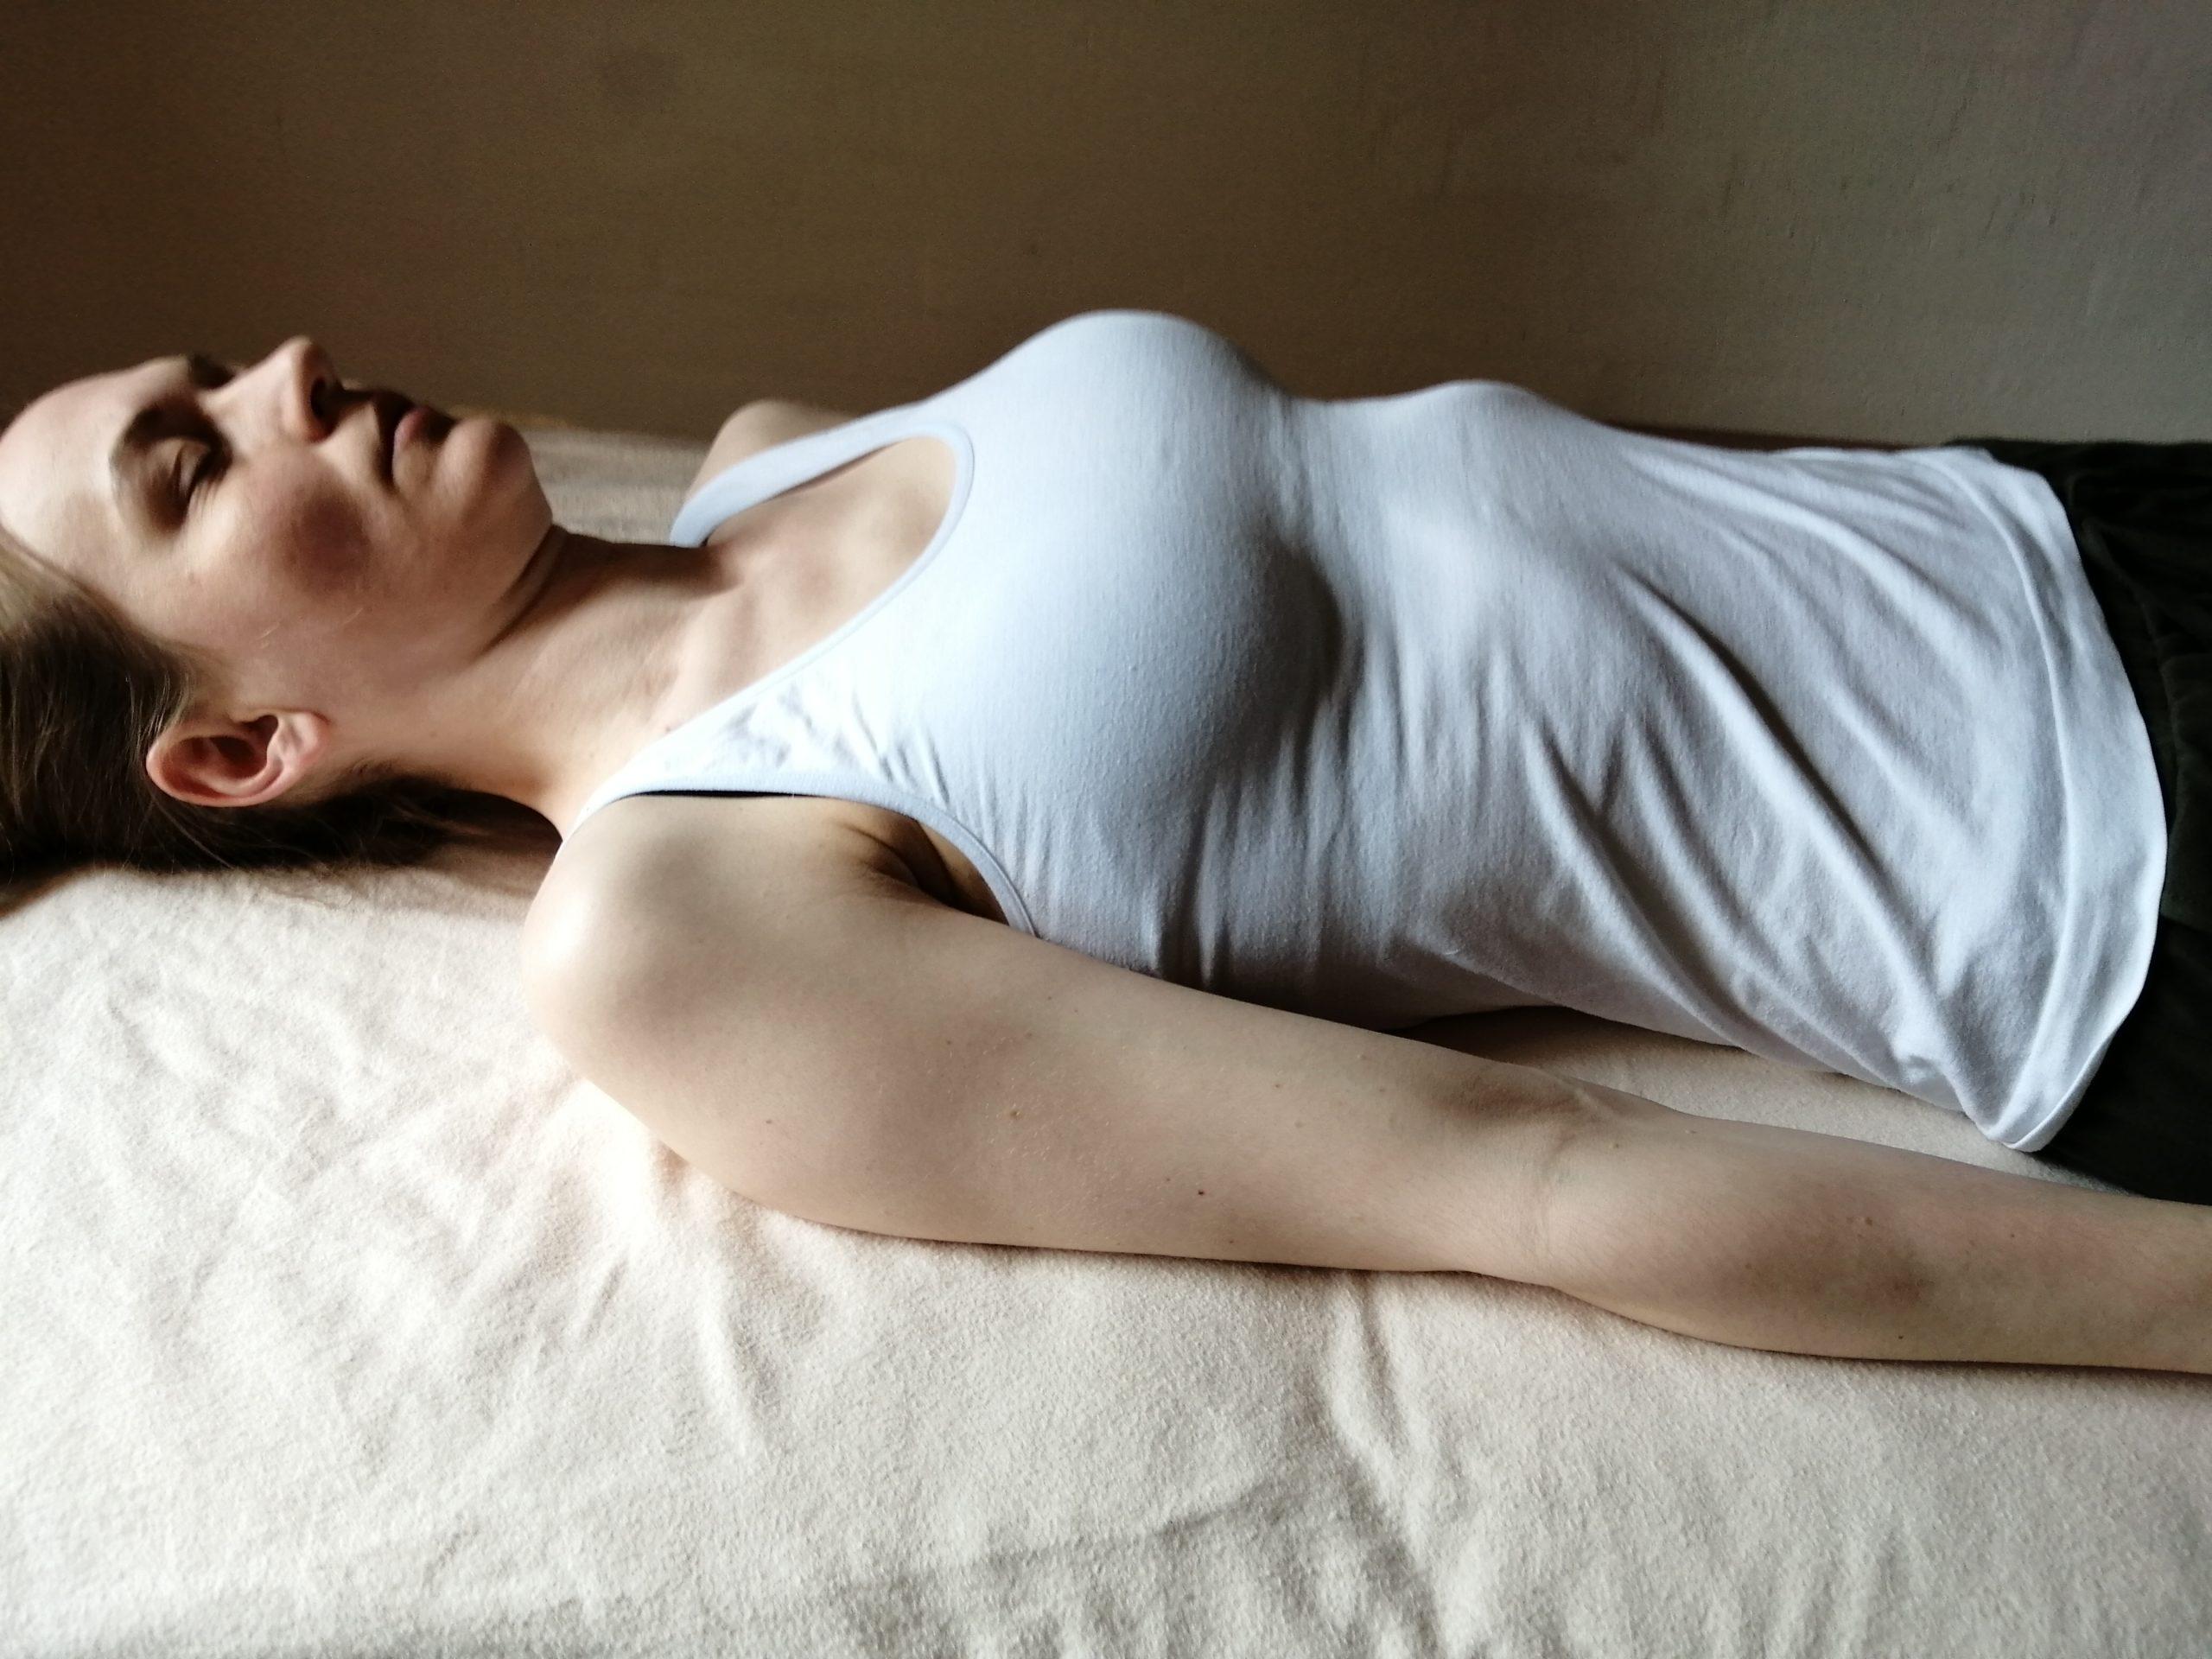 Behandling - Yin Yang Klinik - akupunktur